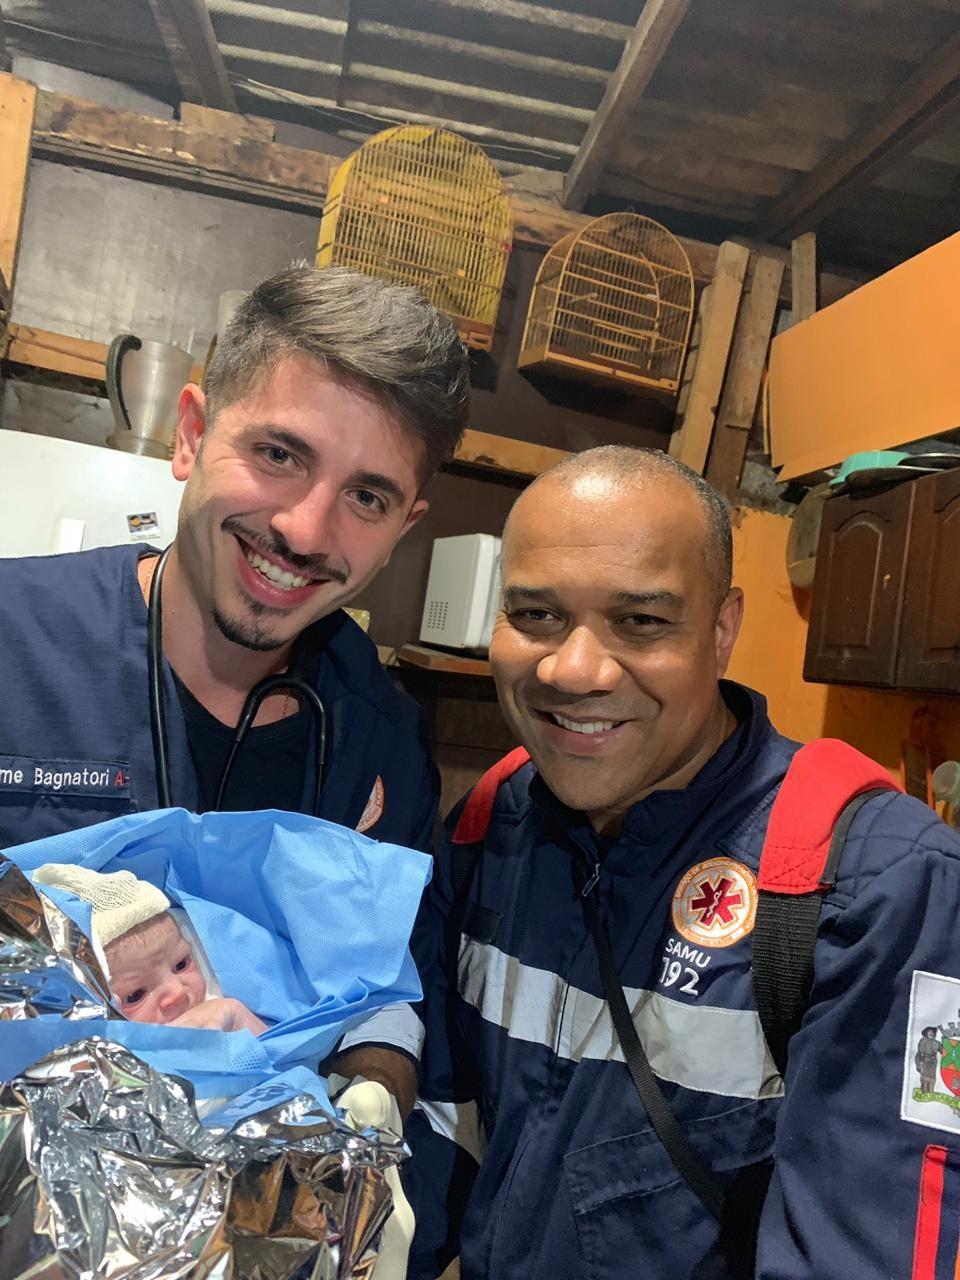 Pai ajuda no parto do próprio filho em após receber orientação por telefone - Notícias - Plantão Diário